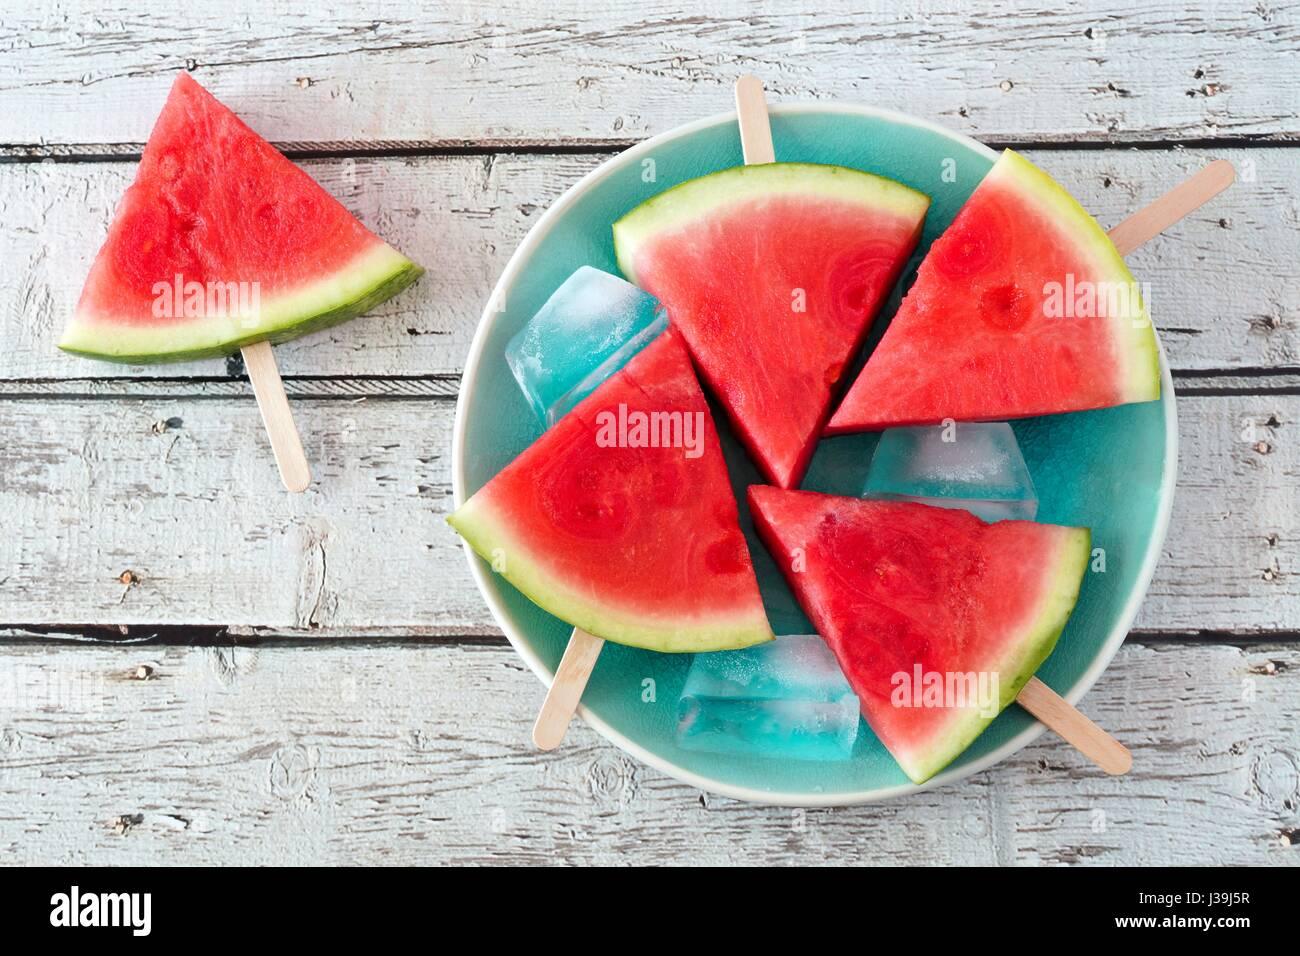 Wassermelone Stück Eis am Stiel auf einem Vintage blaue Platte und rustikale Holz Hintergrund Stockbild